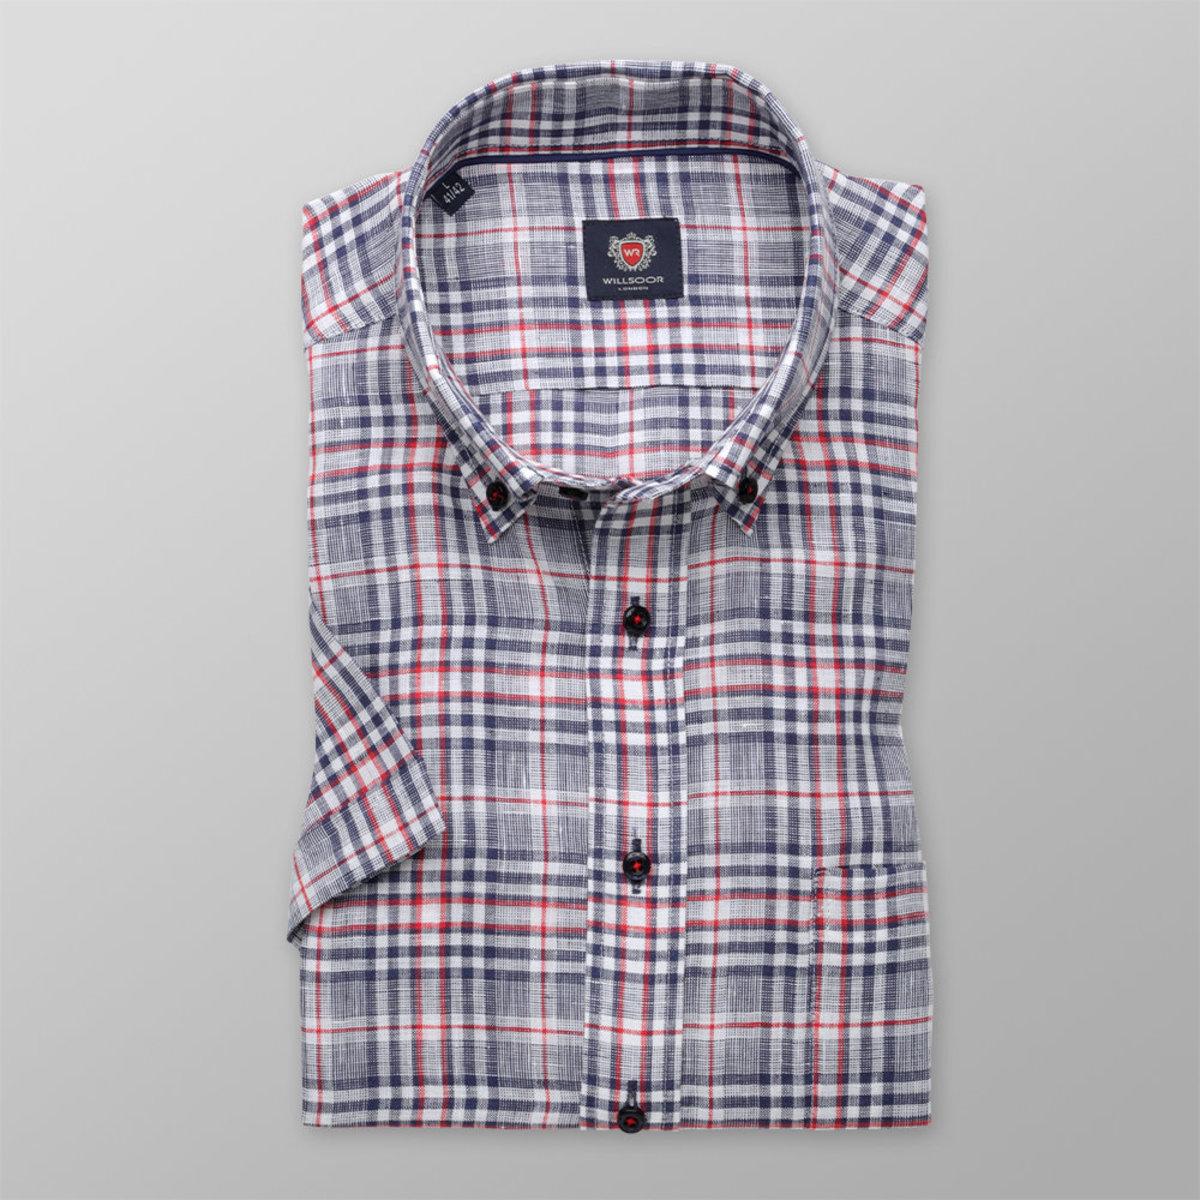 Košeľa London červený a modrý károvaný vzor (výška 176 - 182) 10839 176-182 / XL (43/44)